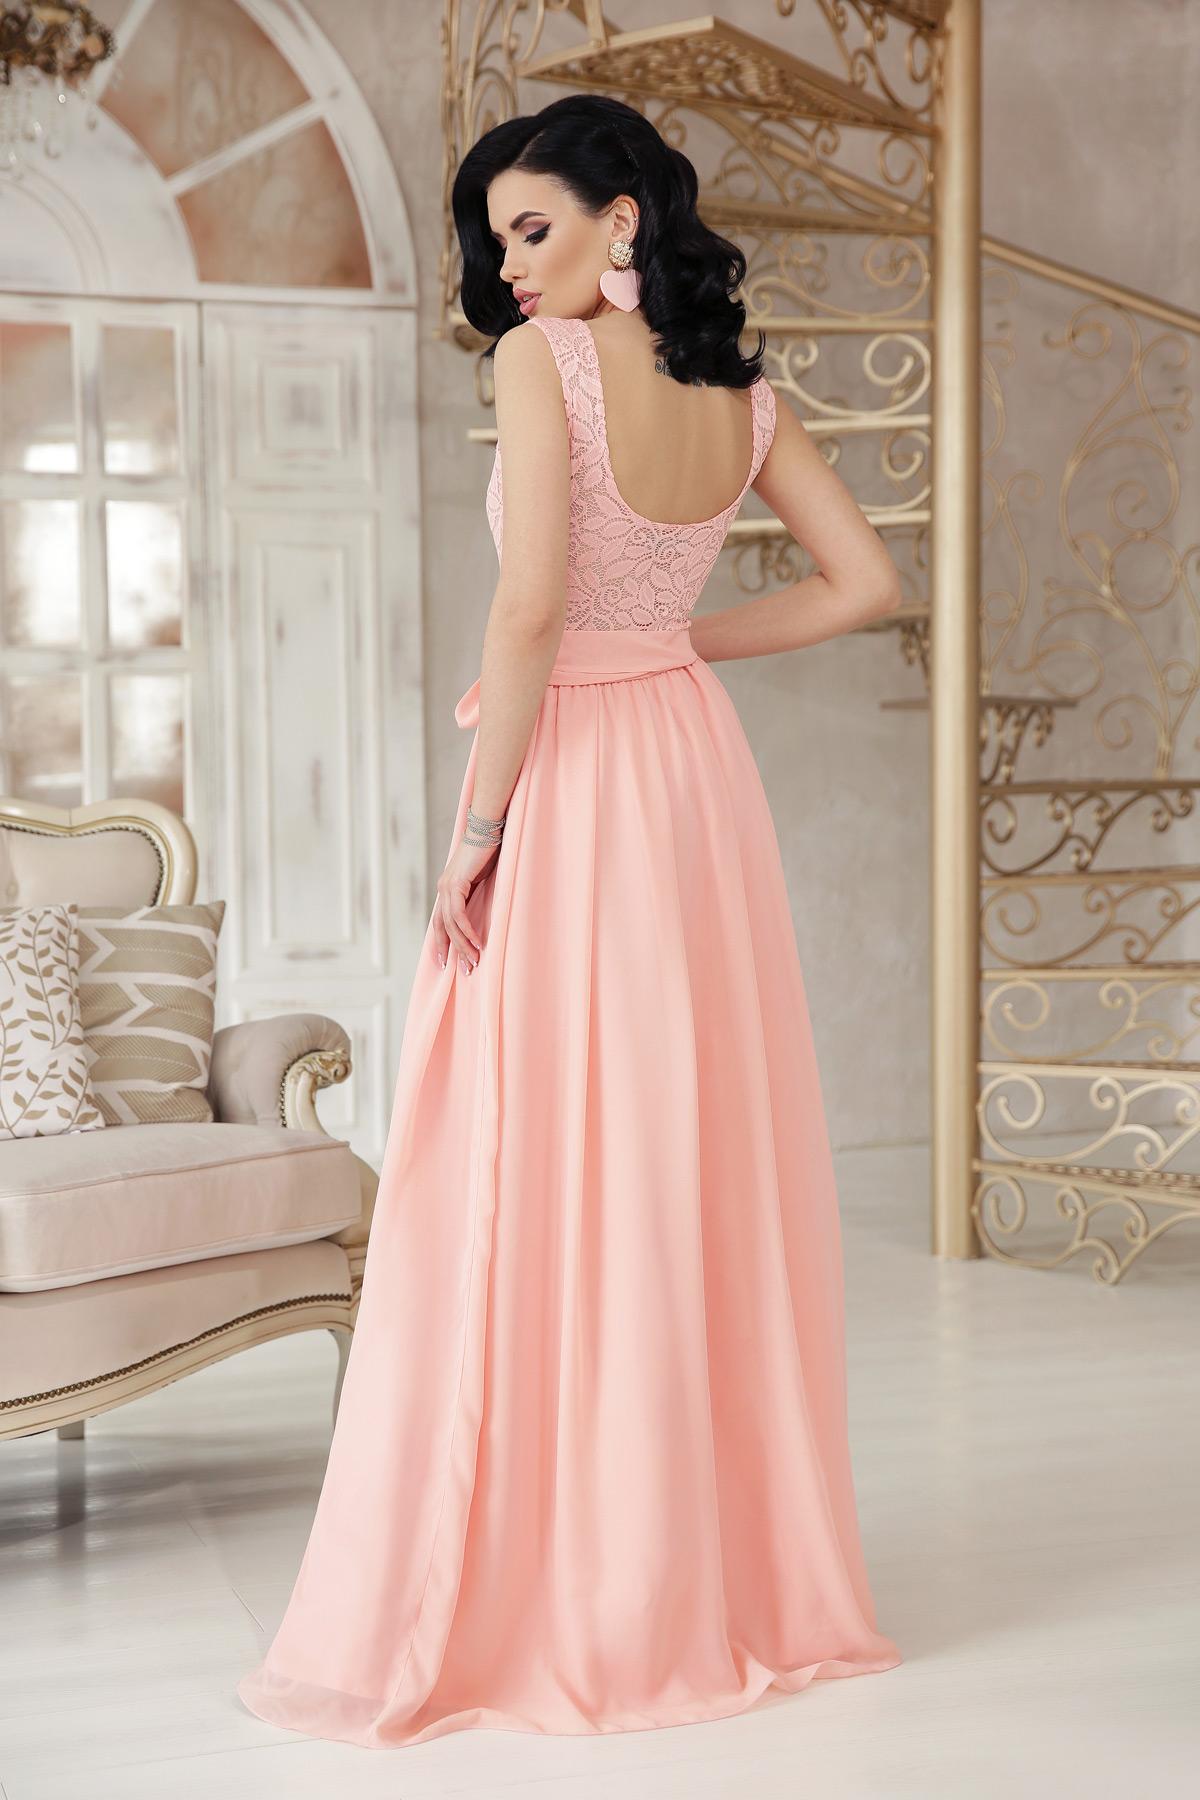 11fa12f6a2f Цвет  персик купить  длинное персиковое платье. платье Анисья б р. Цвет   персик цена